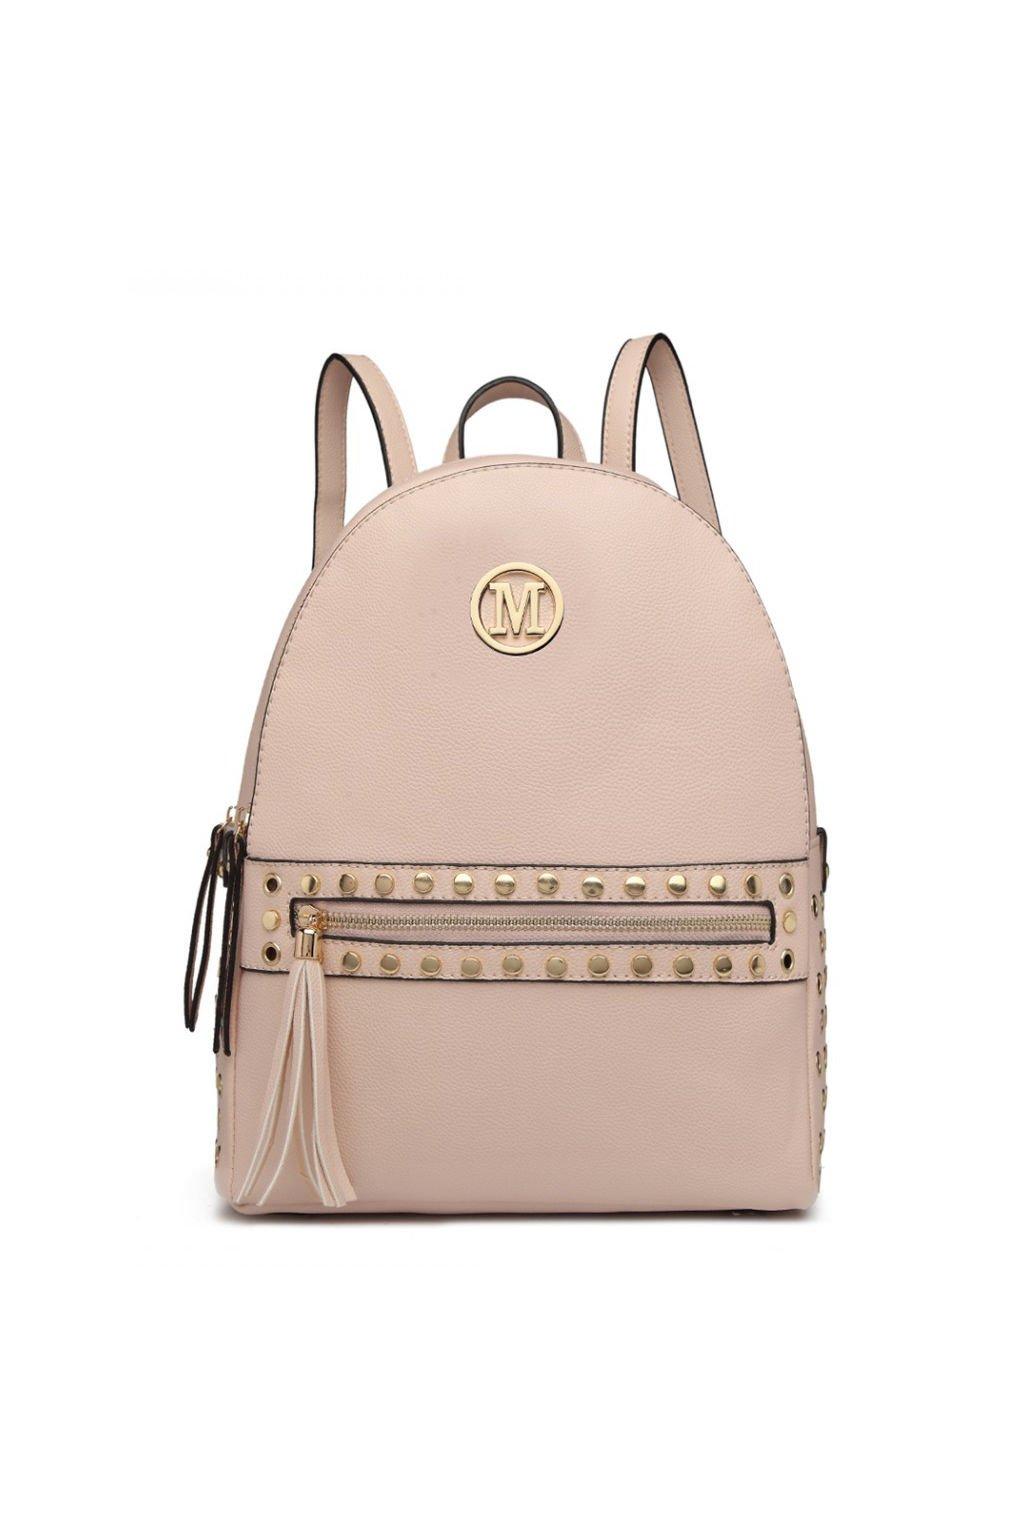 Tělový batoh Miss Lulu se zlatými doplňky